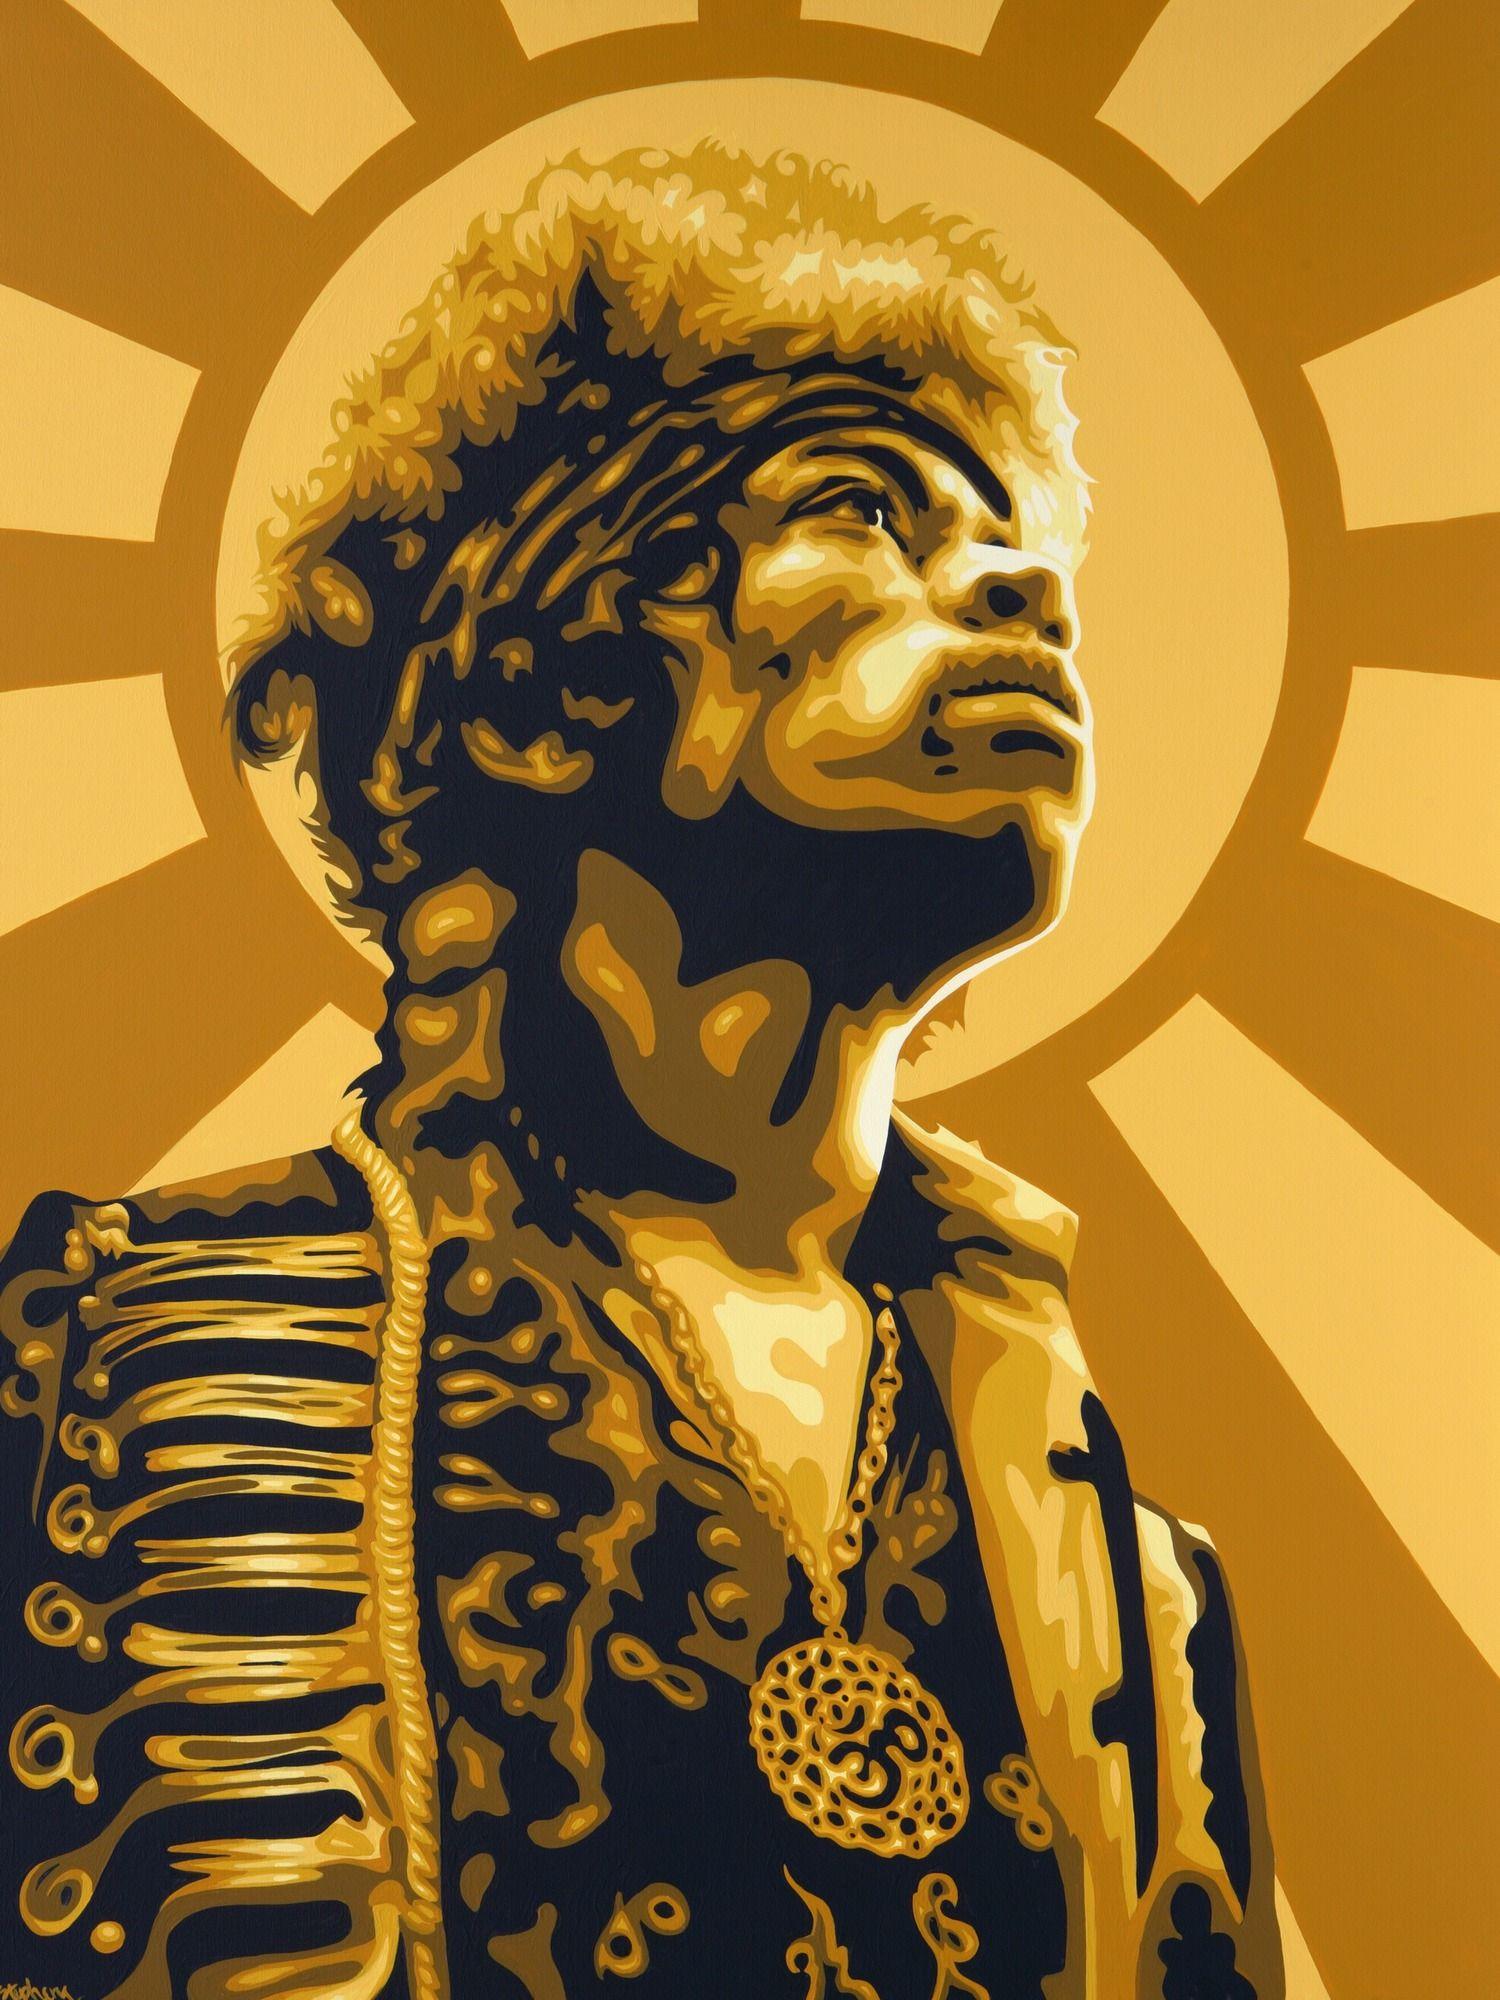 Jimi Hendrix Wall Mural Photo Wallpaper Jimi hendrix art